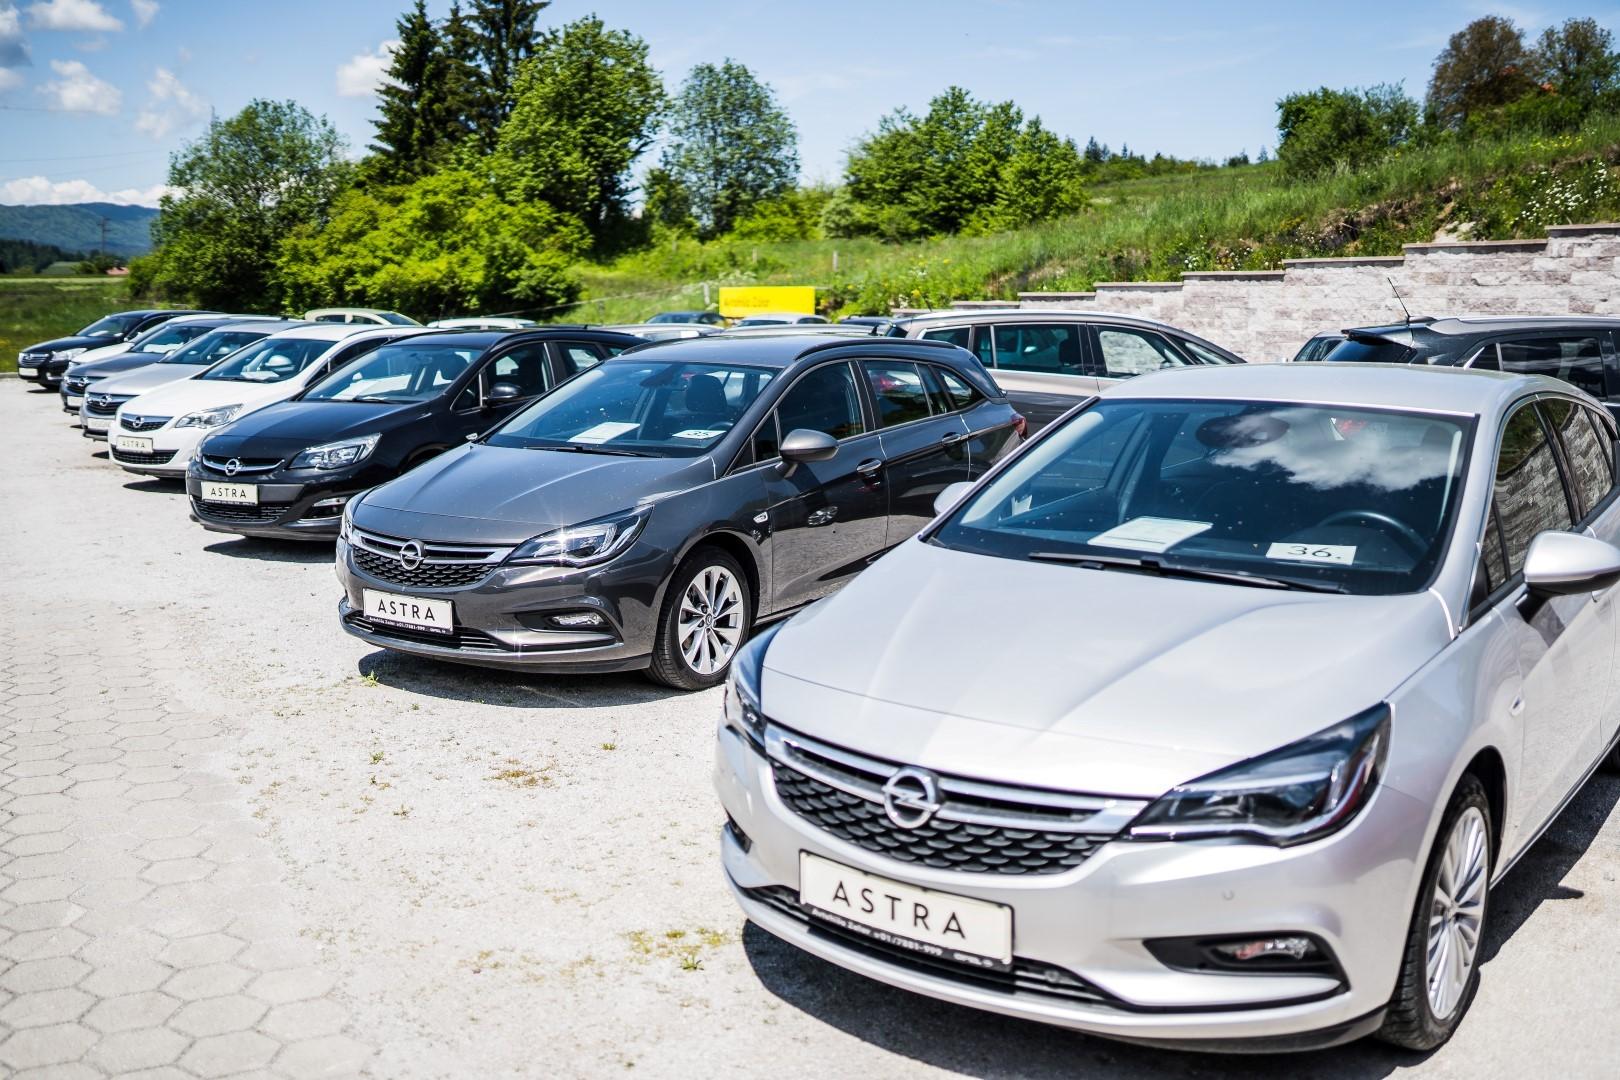 avtohisa-zalar-preverjena-rabljena-vozila-jamstvo-garancija (5)